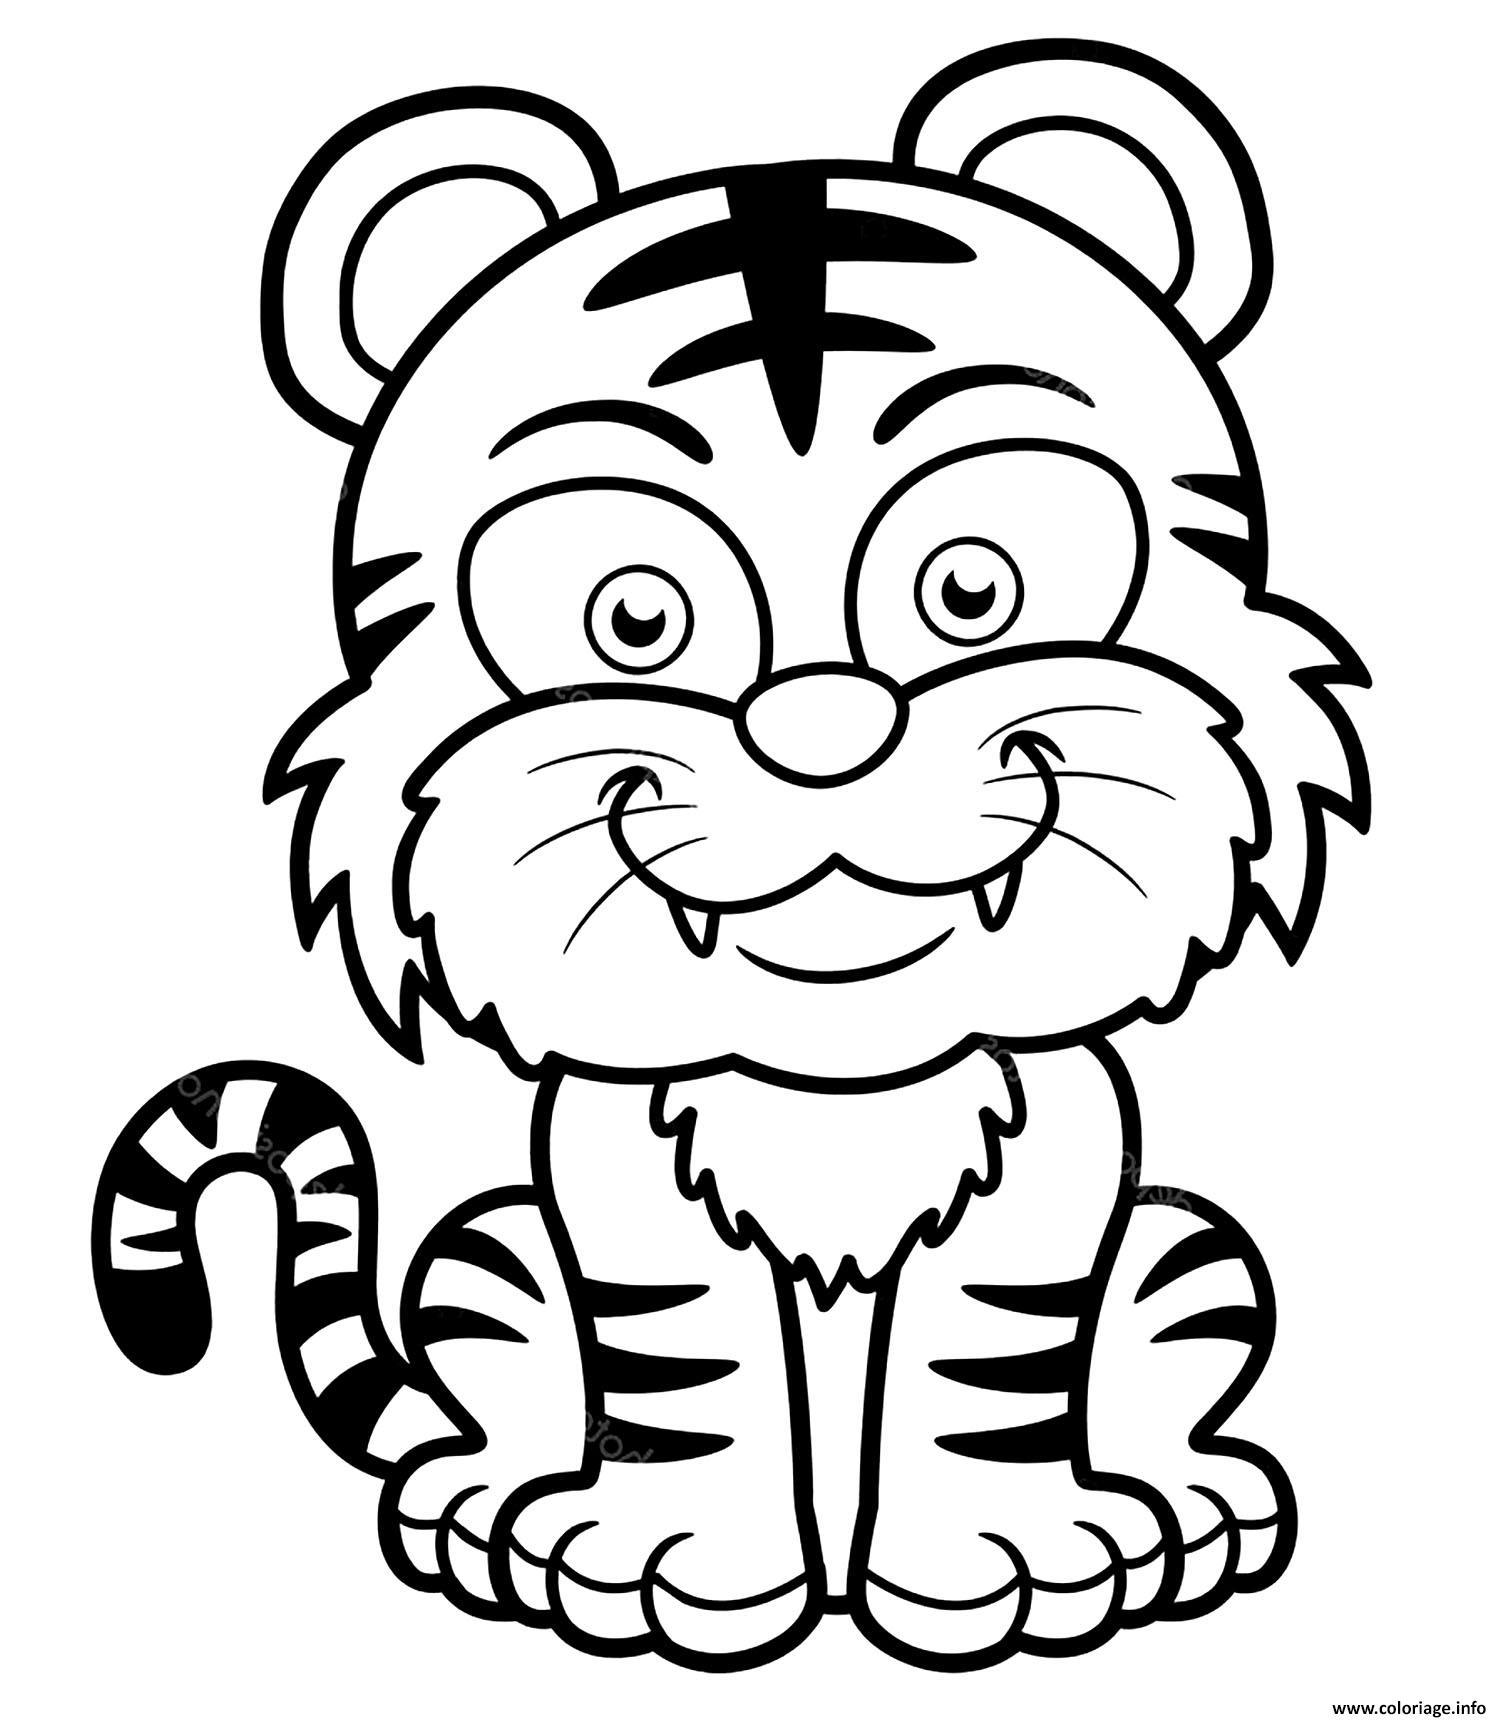 Dessin tigre enfants facile maternelle Coloriage Gratuit à Imprimer